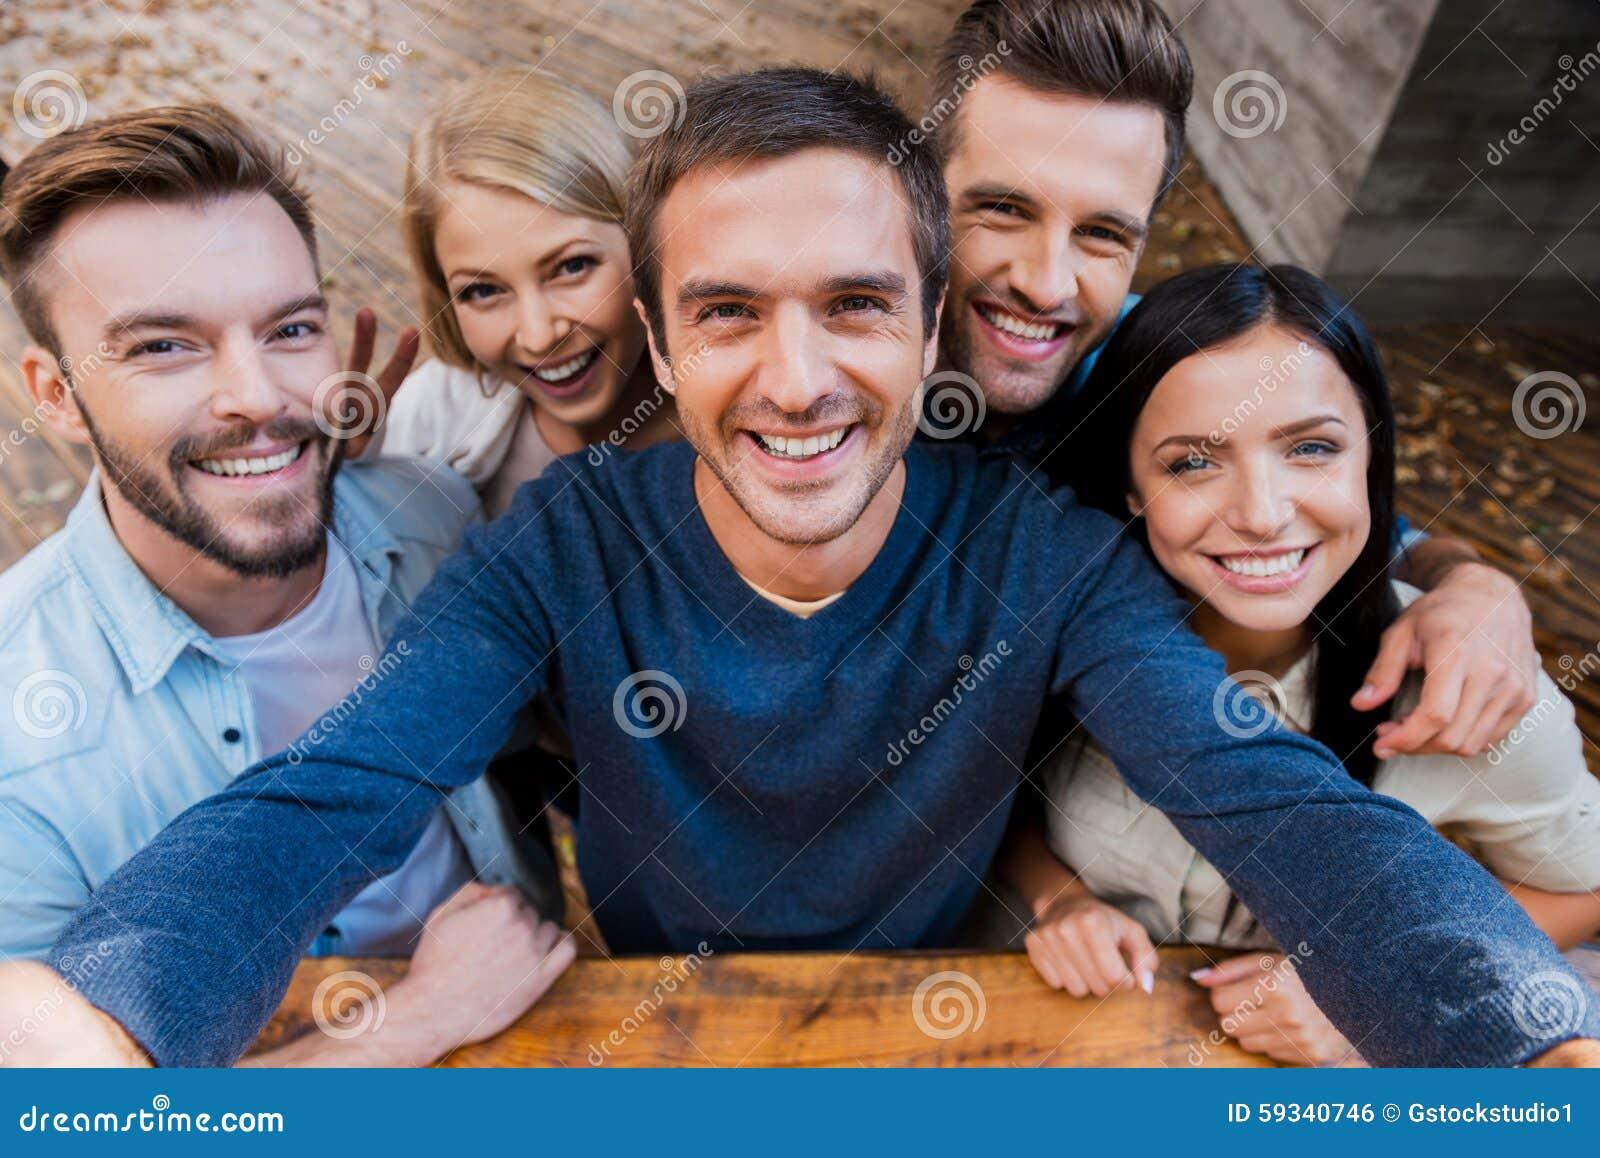 Selfie engraçado com amigos